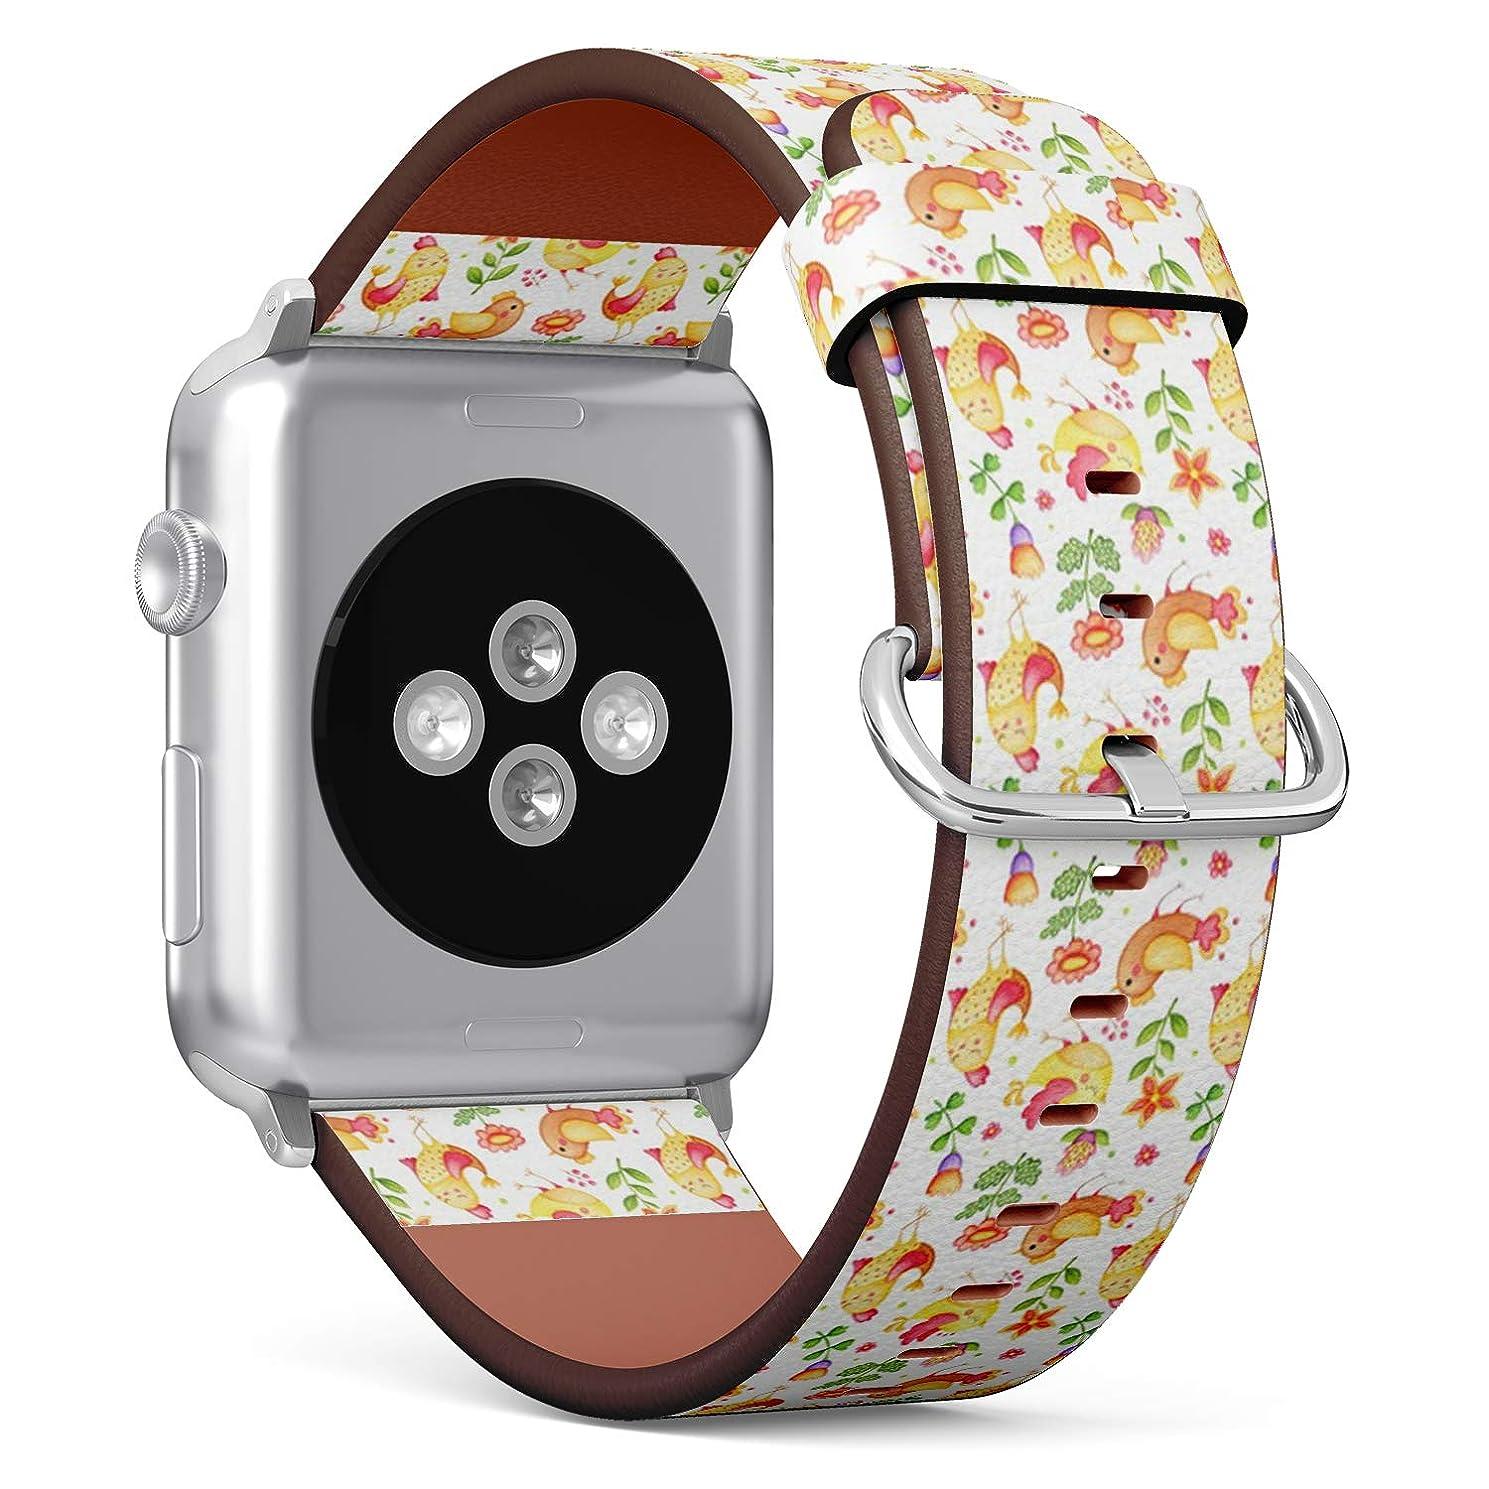 戦う劇的サーキットに行くコンパチブル Apple Watch iWatch 42mm & 44mm - 本革レザーストラップ, 向けのバンド交換ストラップです コンパチブル アップルウォッチ バンド (かわいい鳥の花)